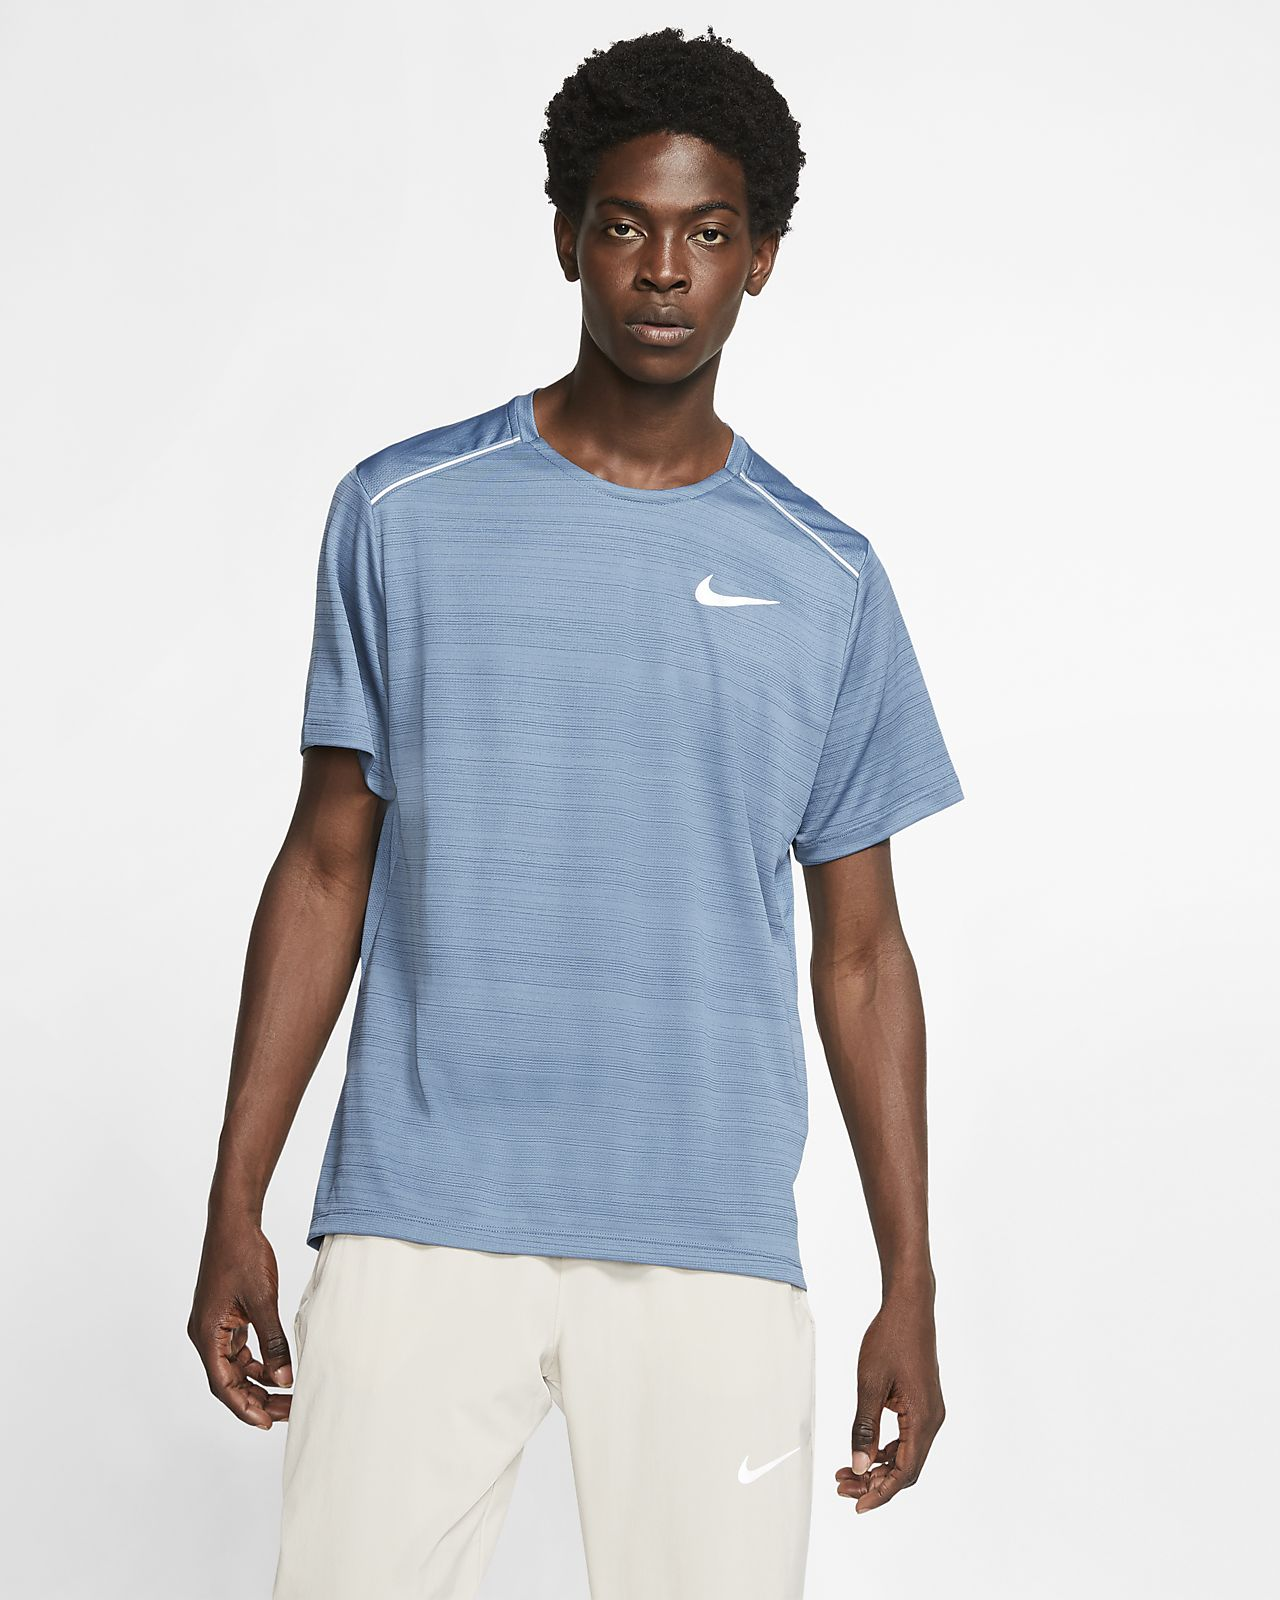 Haut de running à manches courtes Nike Dri FIT Miler pour Homme